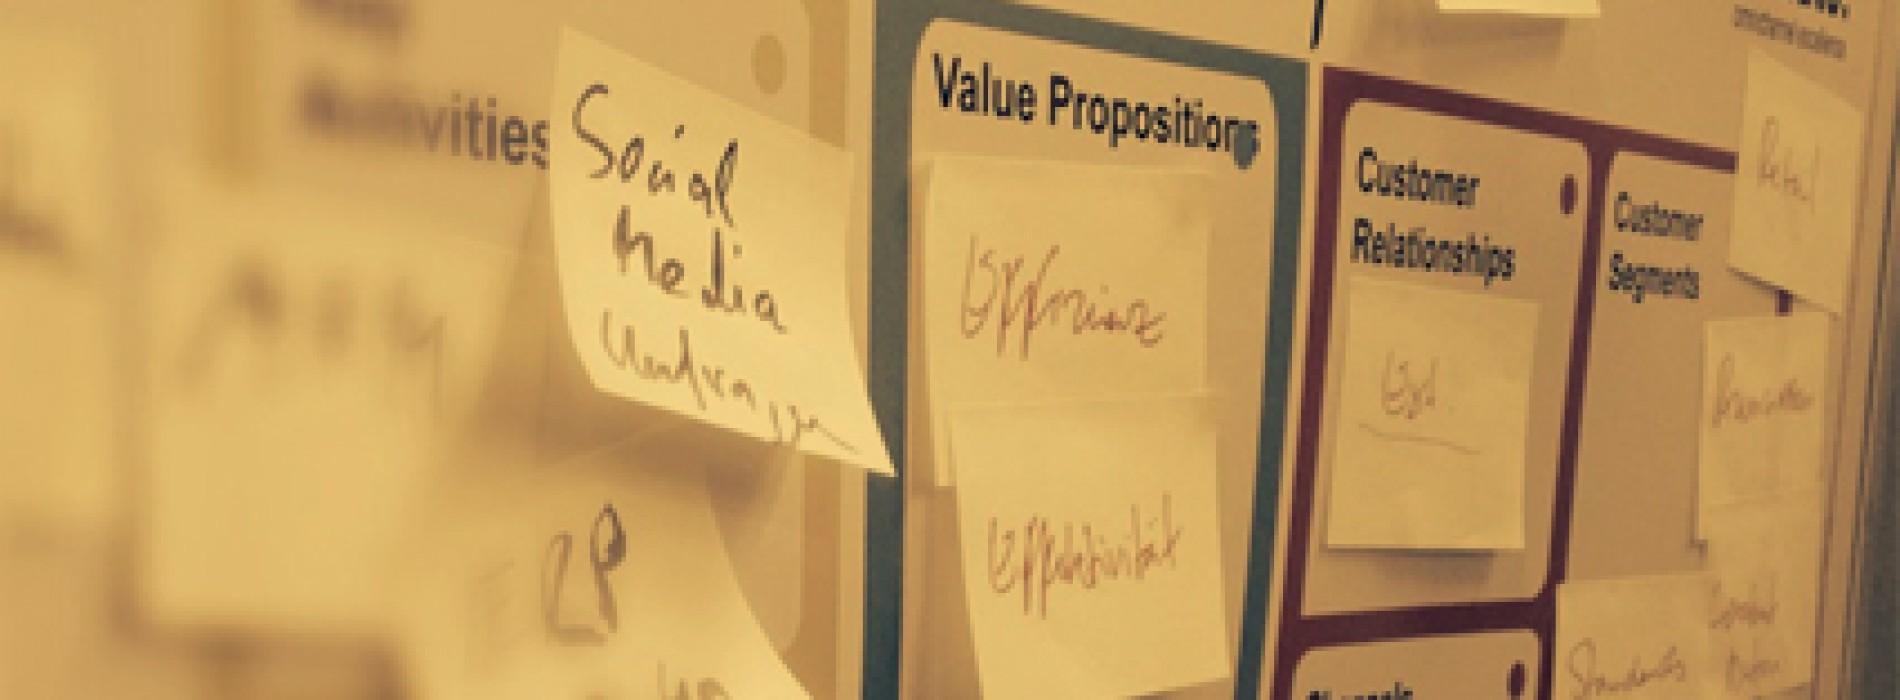 شرح مبسط و صورة من نموذج العمل التجاري وامثلة لها